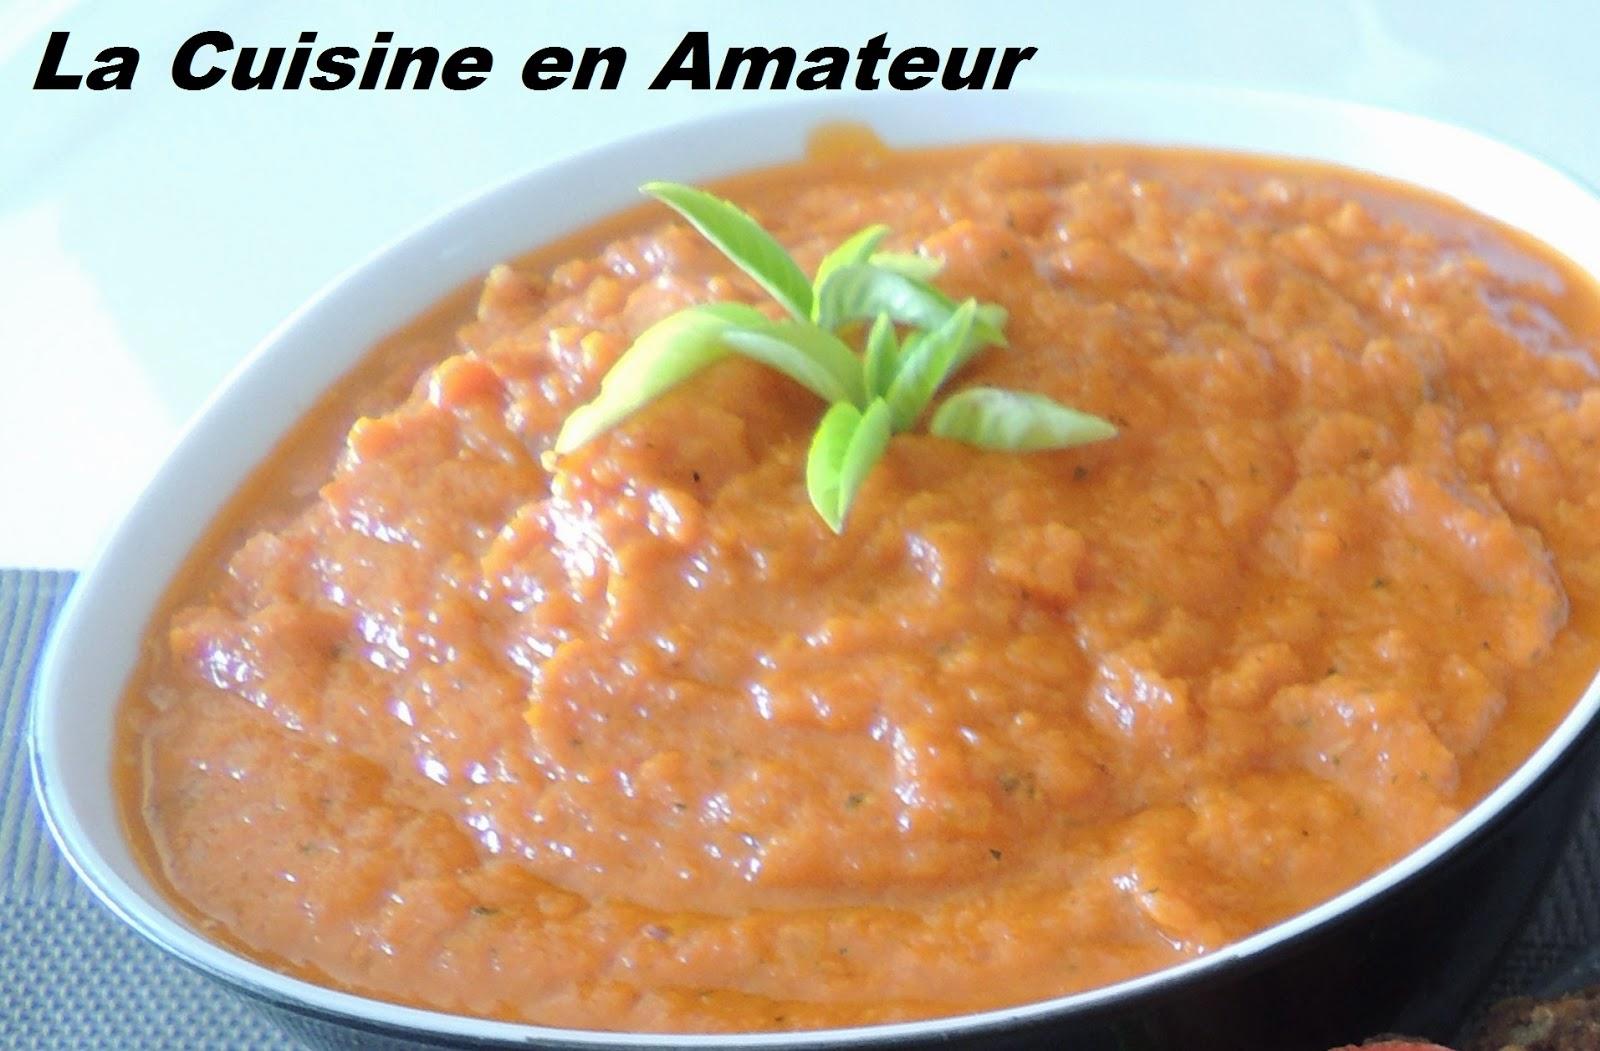 Sauce rouge dans le soup co blogs de cuisine - Recettes soup and co ...